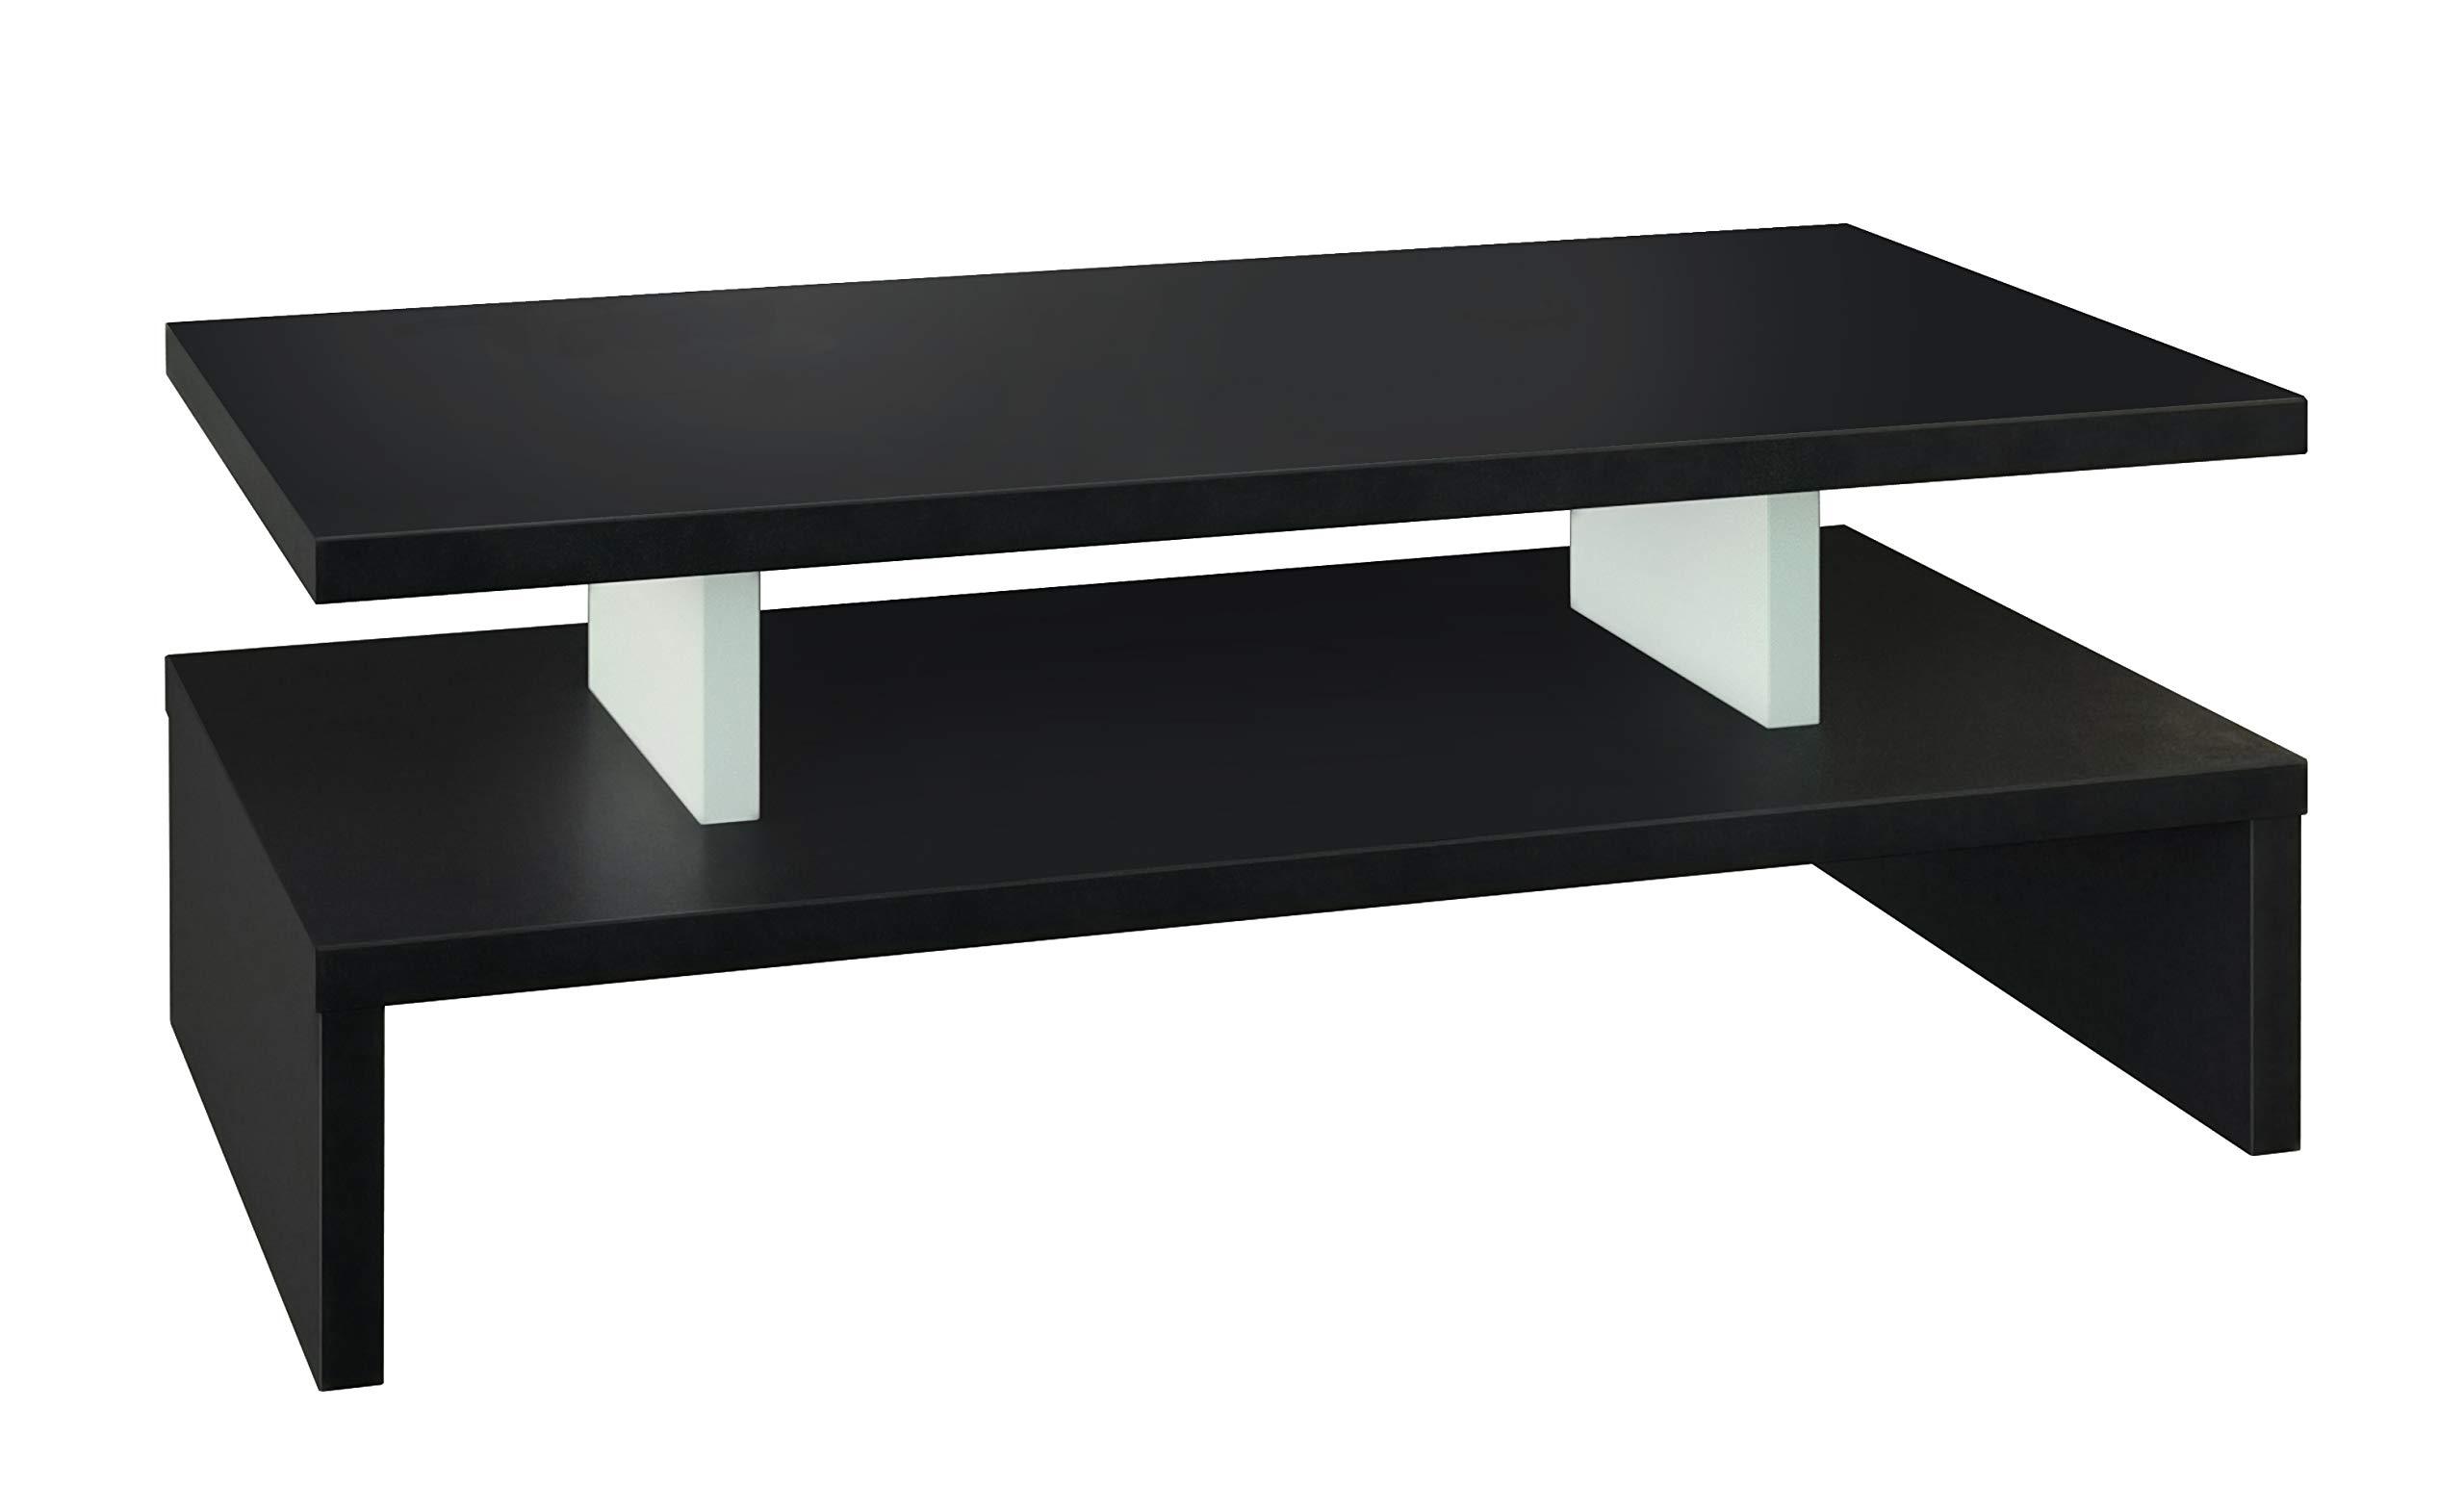 Tavolino da Salotto 90 x 55 cm Ikea Lack Colore: Marrone Scuro